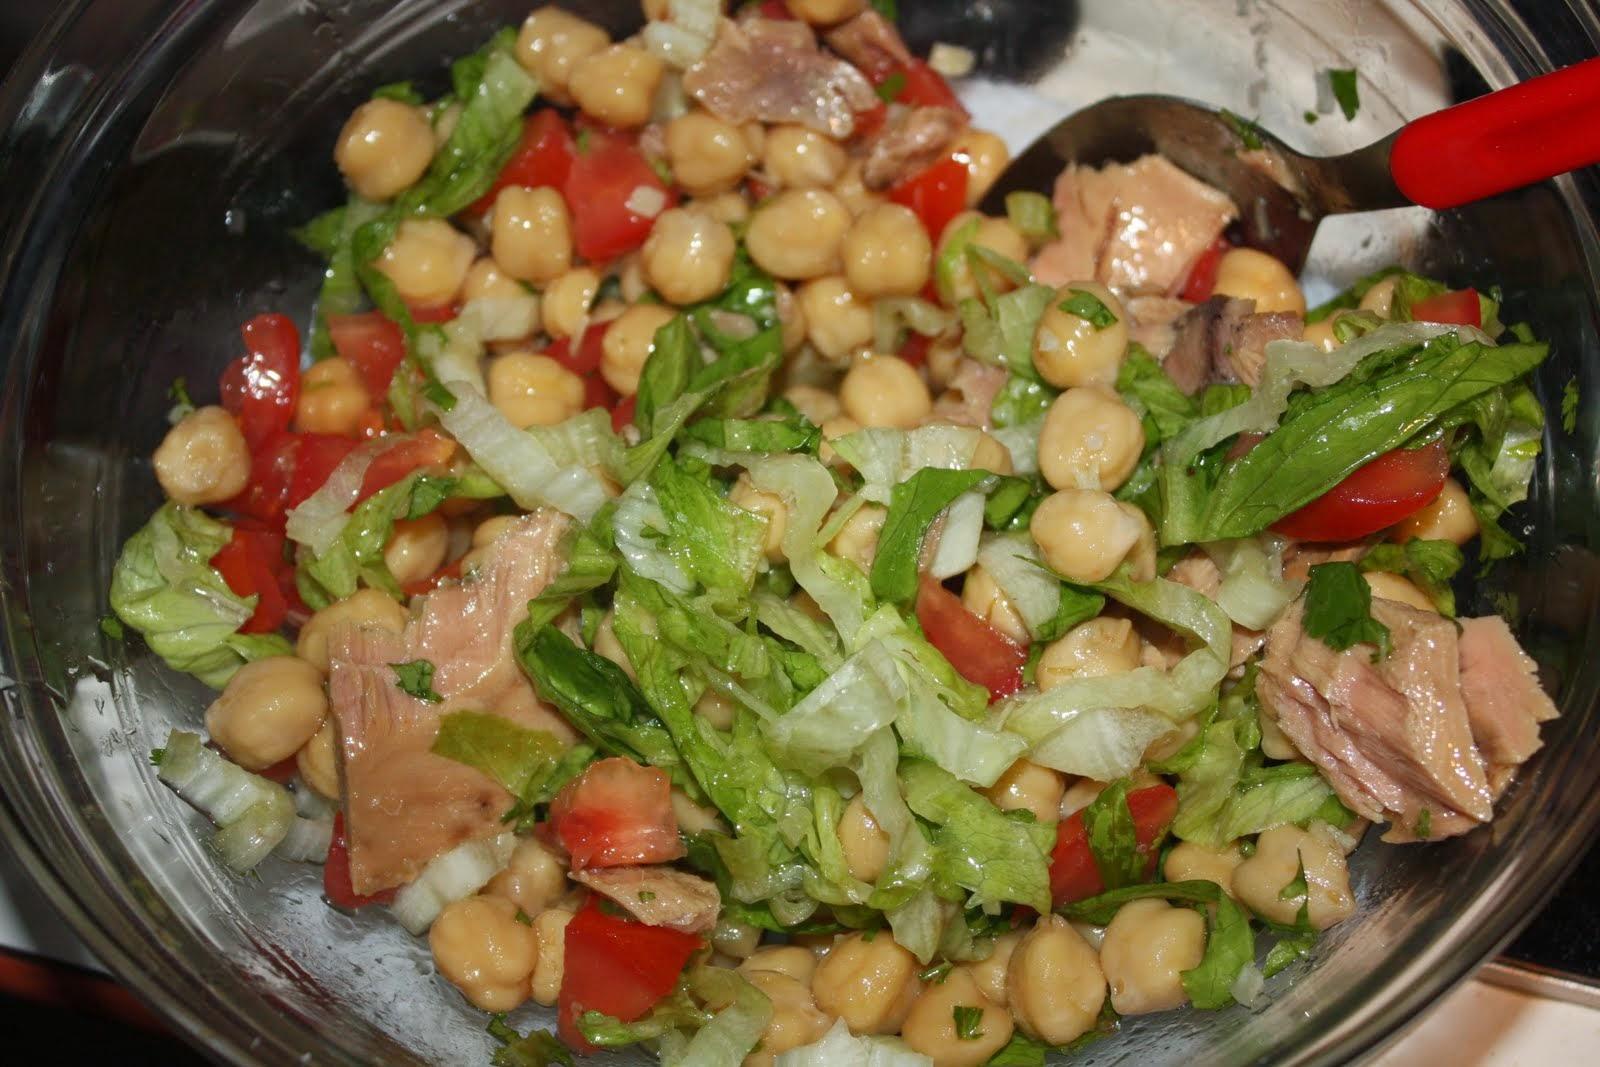 La guarida de bam ensaladas con legumbres - Ensalada de garbanzos light ...